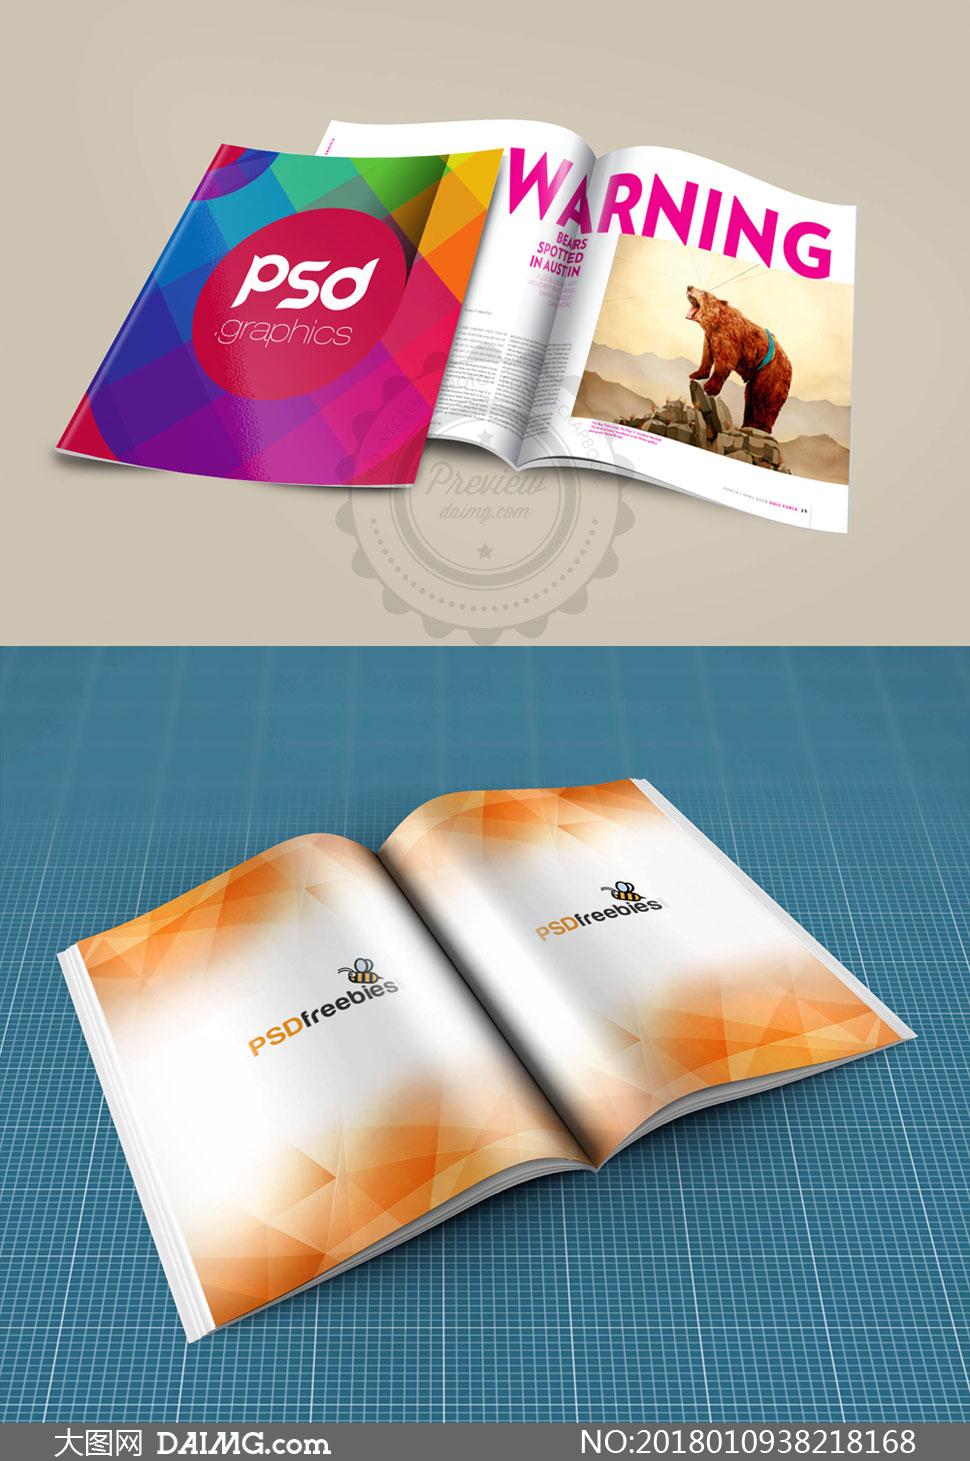 画册质感封面与内页贴图模板源文件